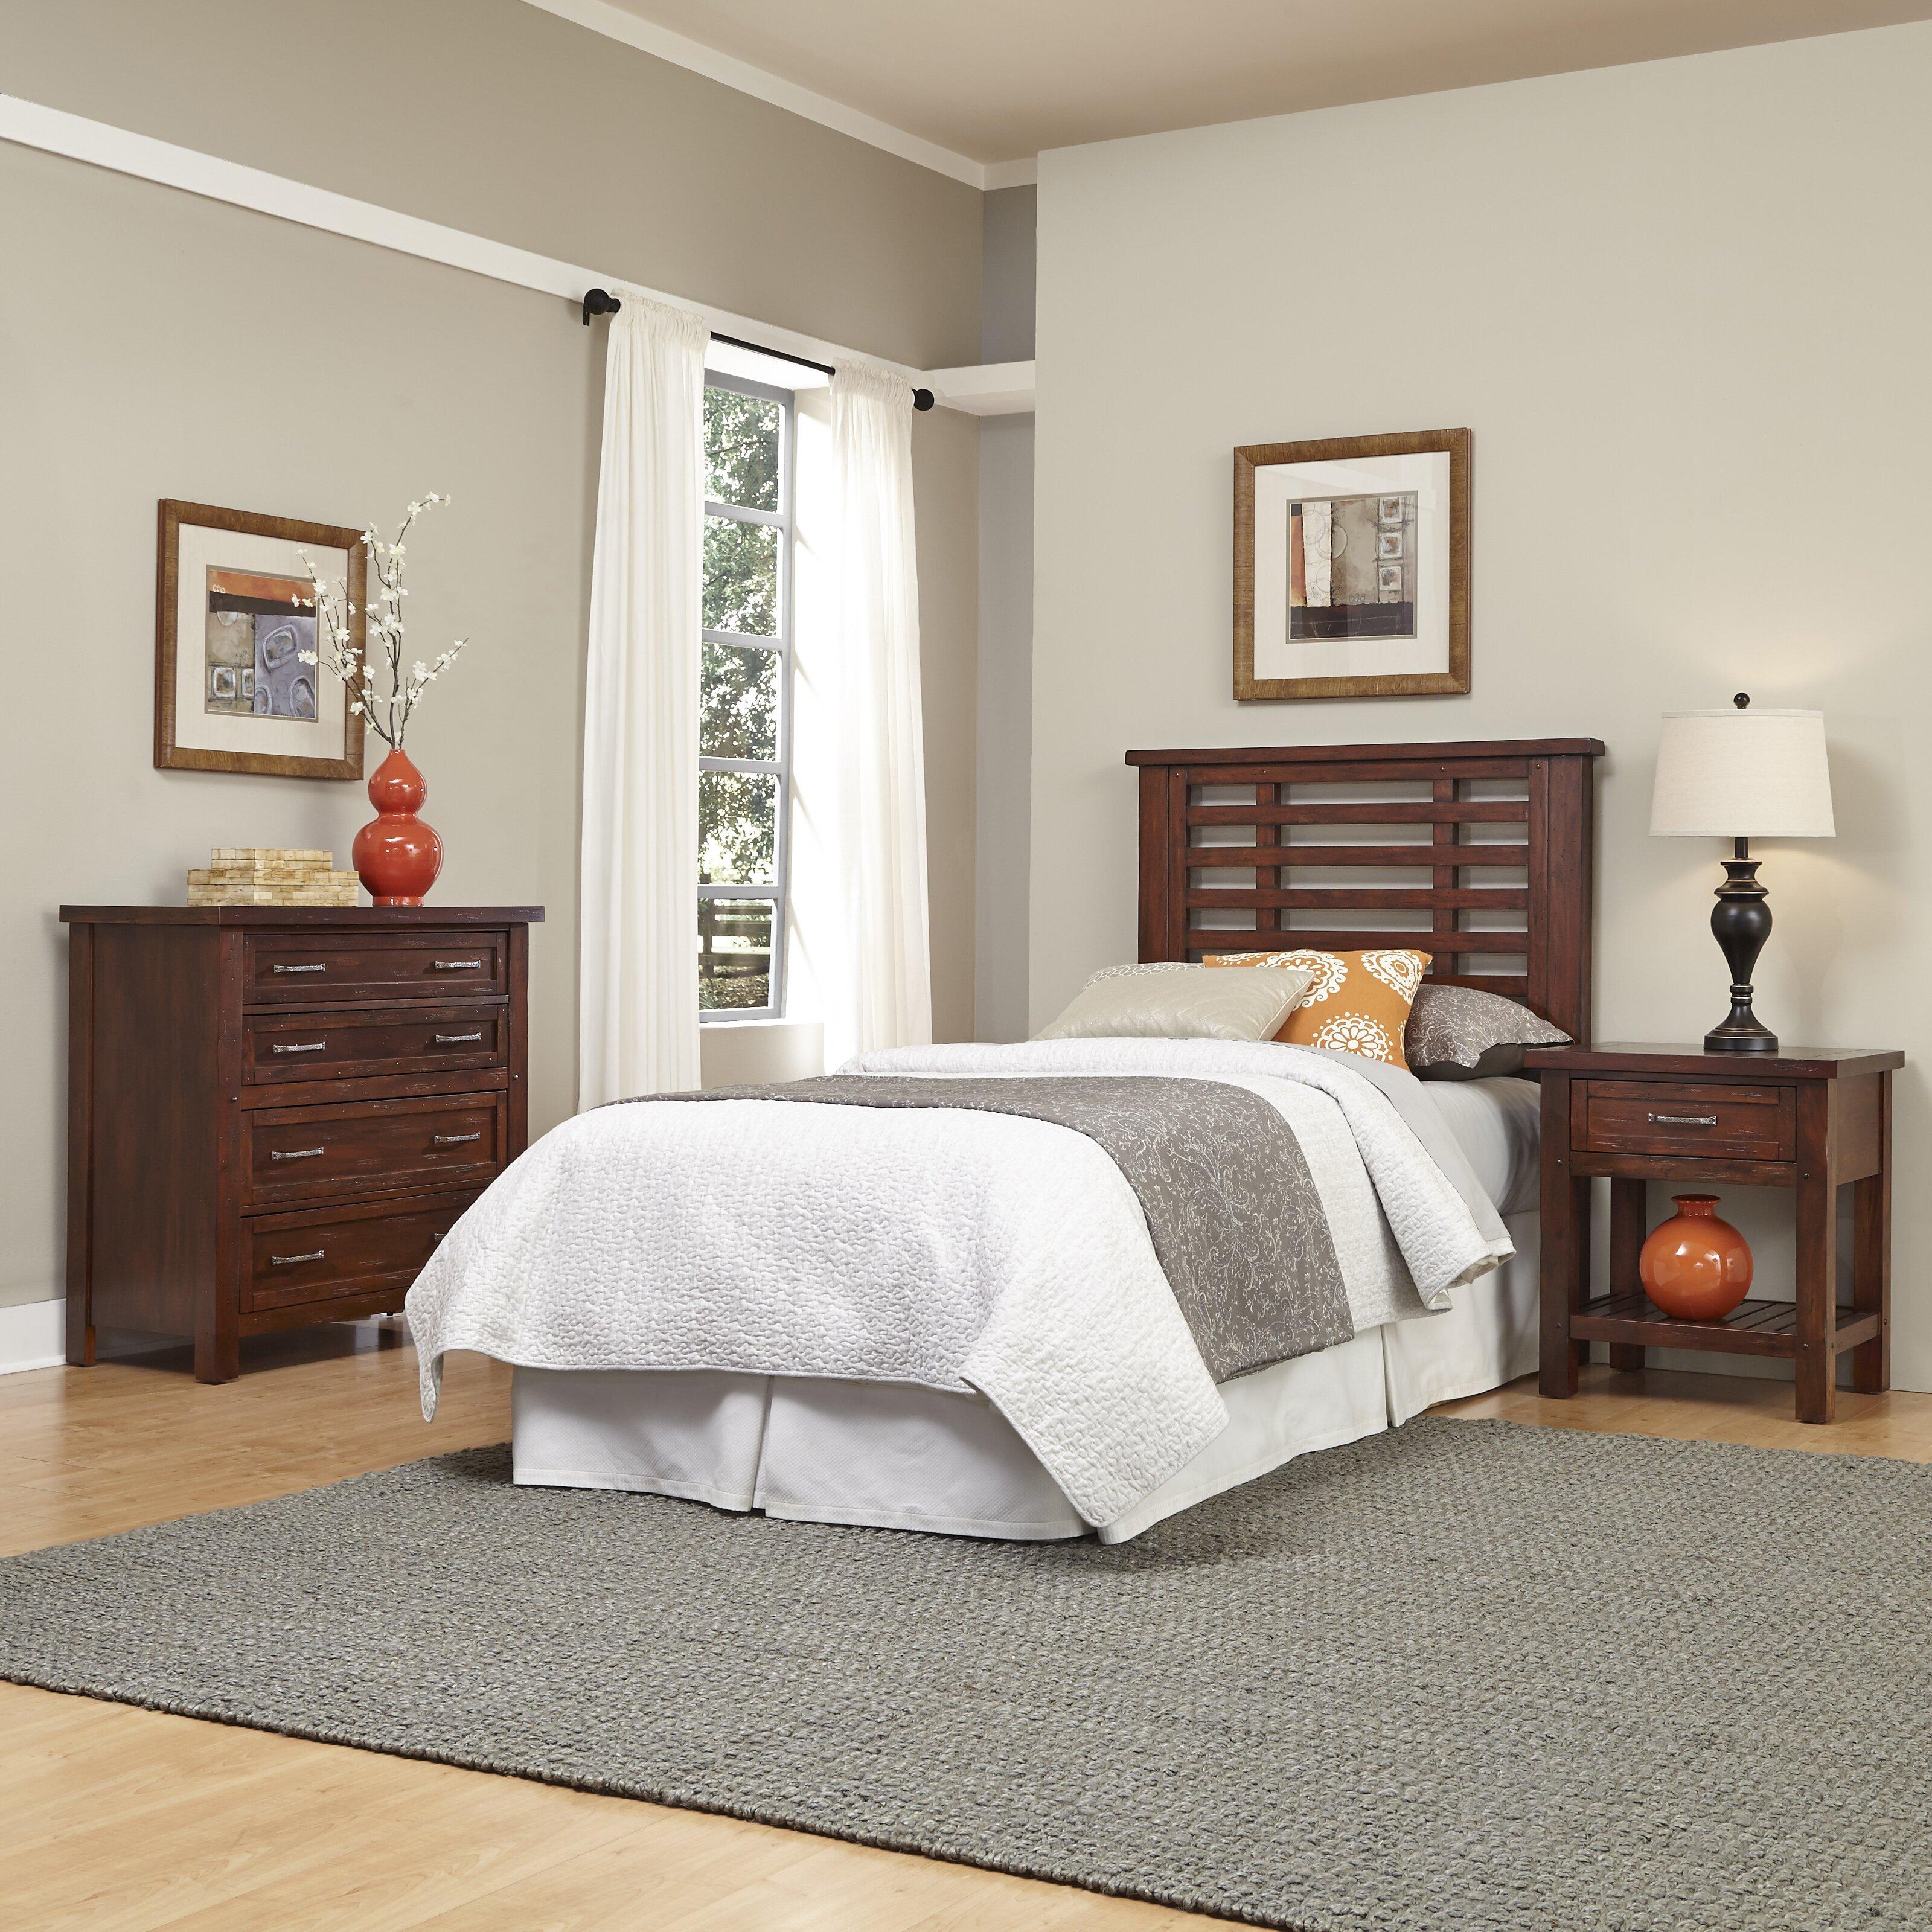 Bedroom Set Names bedroom furniture names. names of bedroom furniture u003e